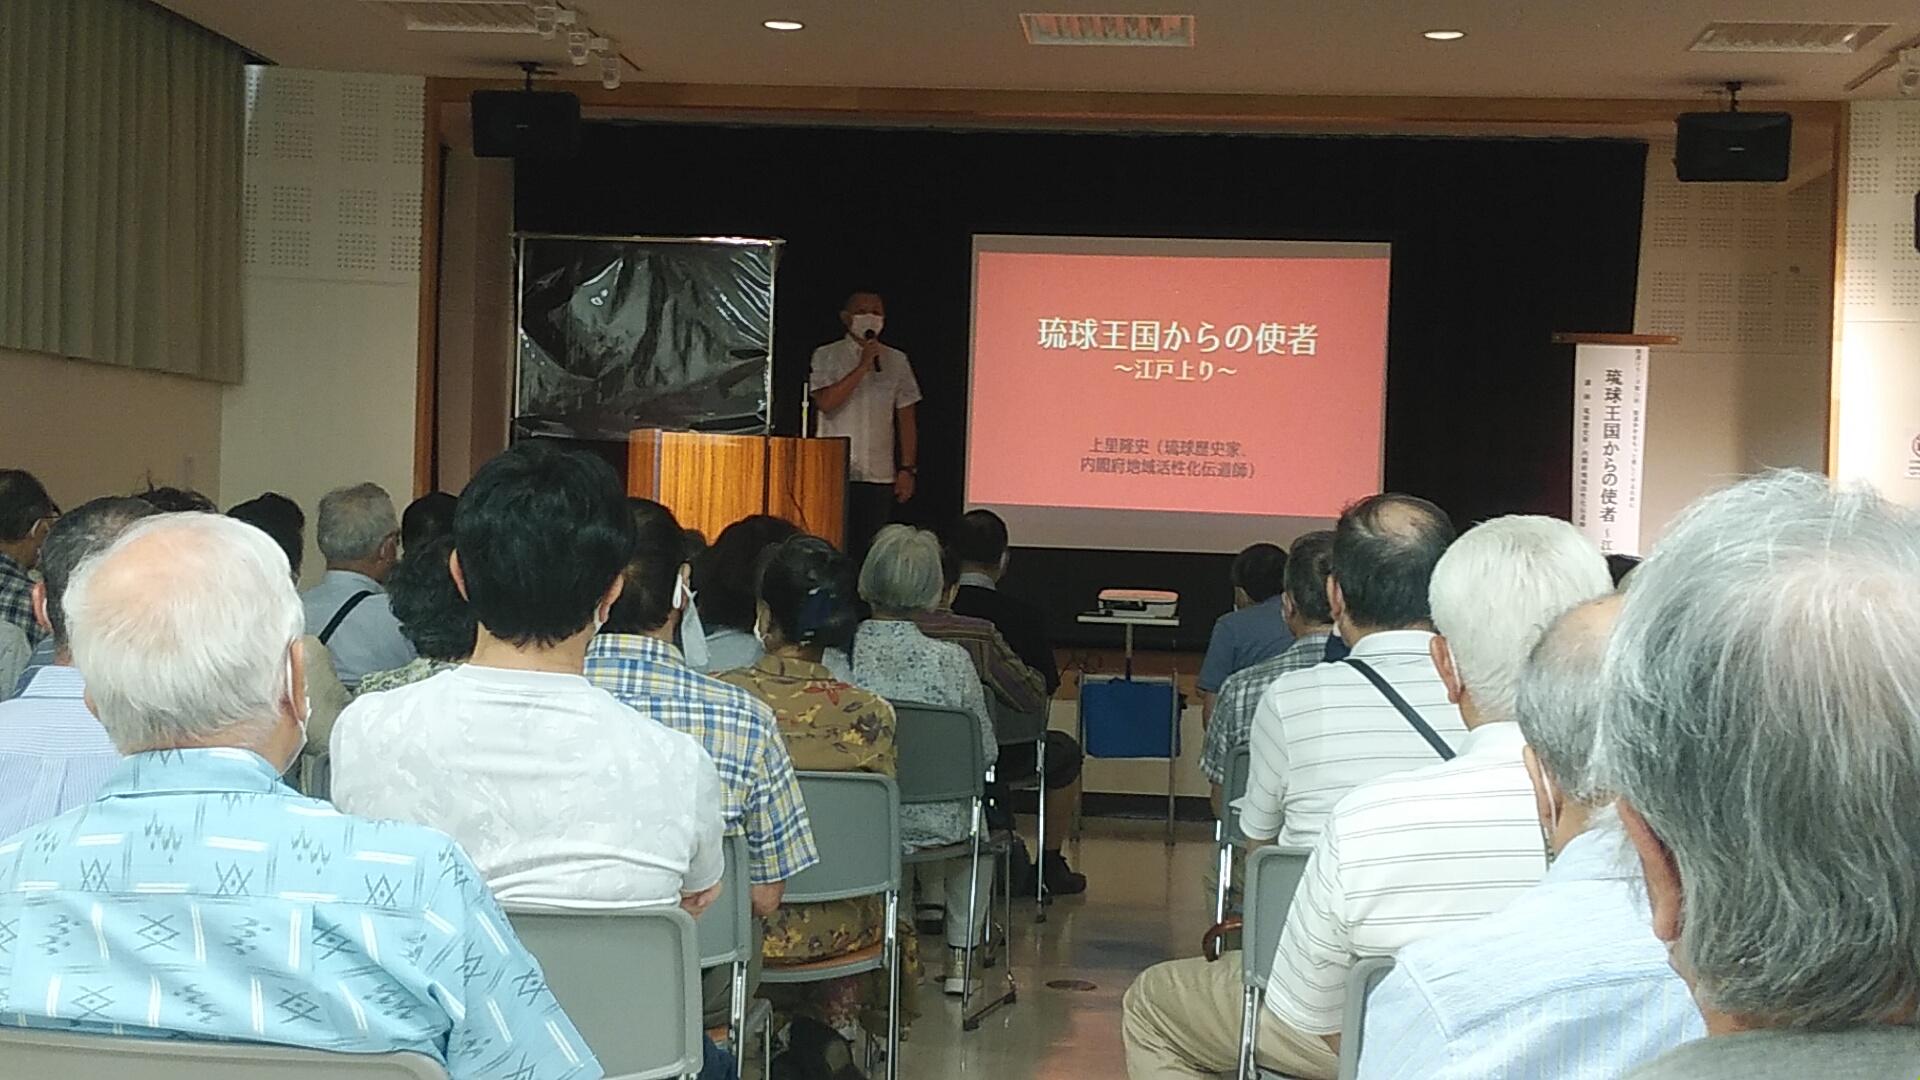 7月17日(土)<講演会「琉球王国から使者-江戸上り―」に100名>